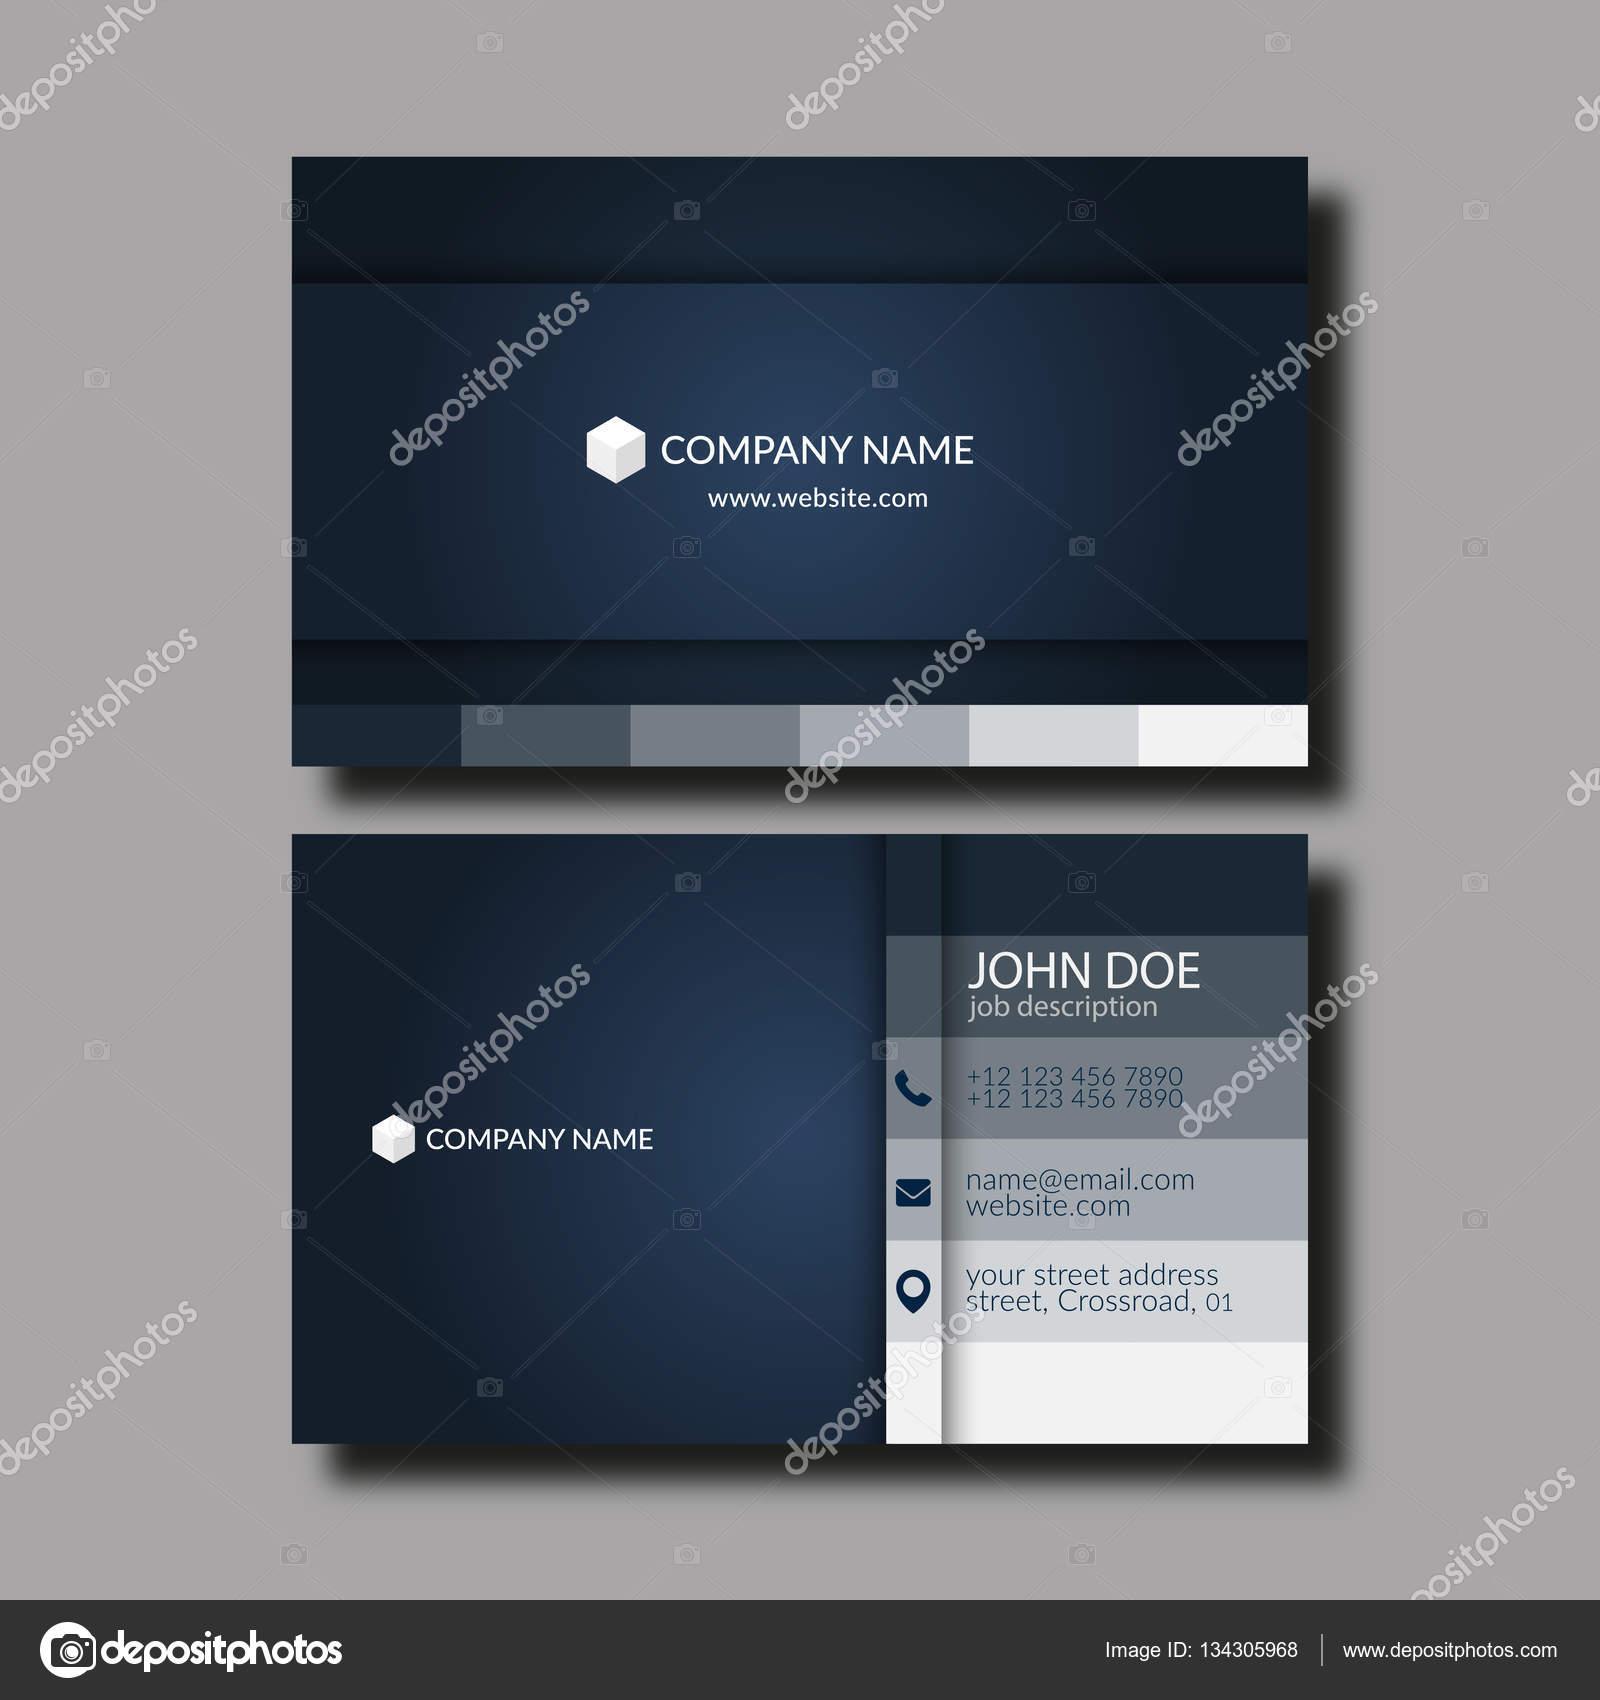 Modle De Carte Visite Image Vectorielle Eps10 Vector Illustration Abstraite Lgant Business Card Template Vecteur Par Zzoplanet